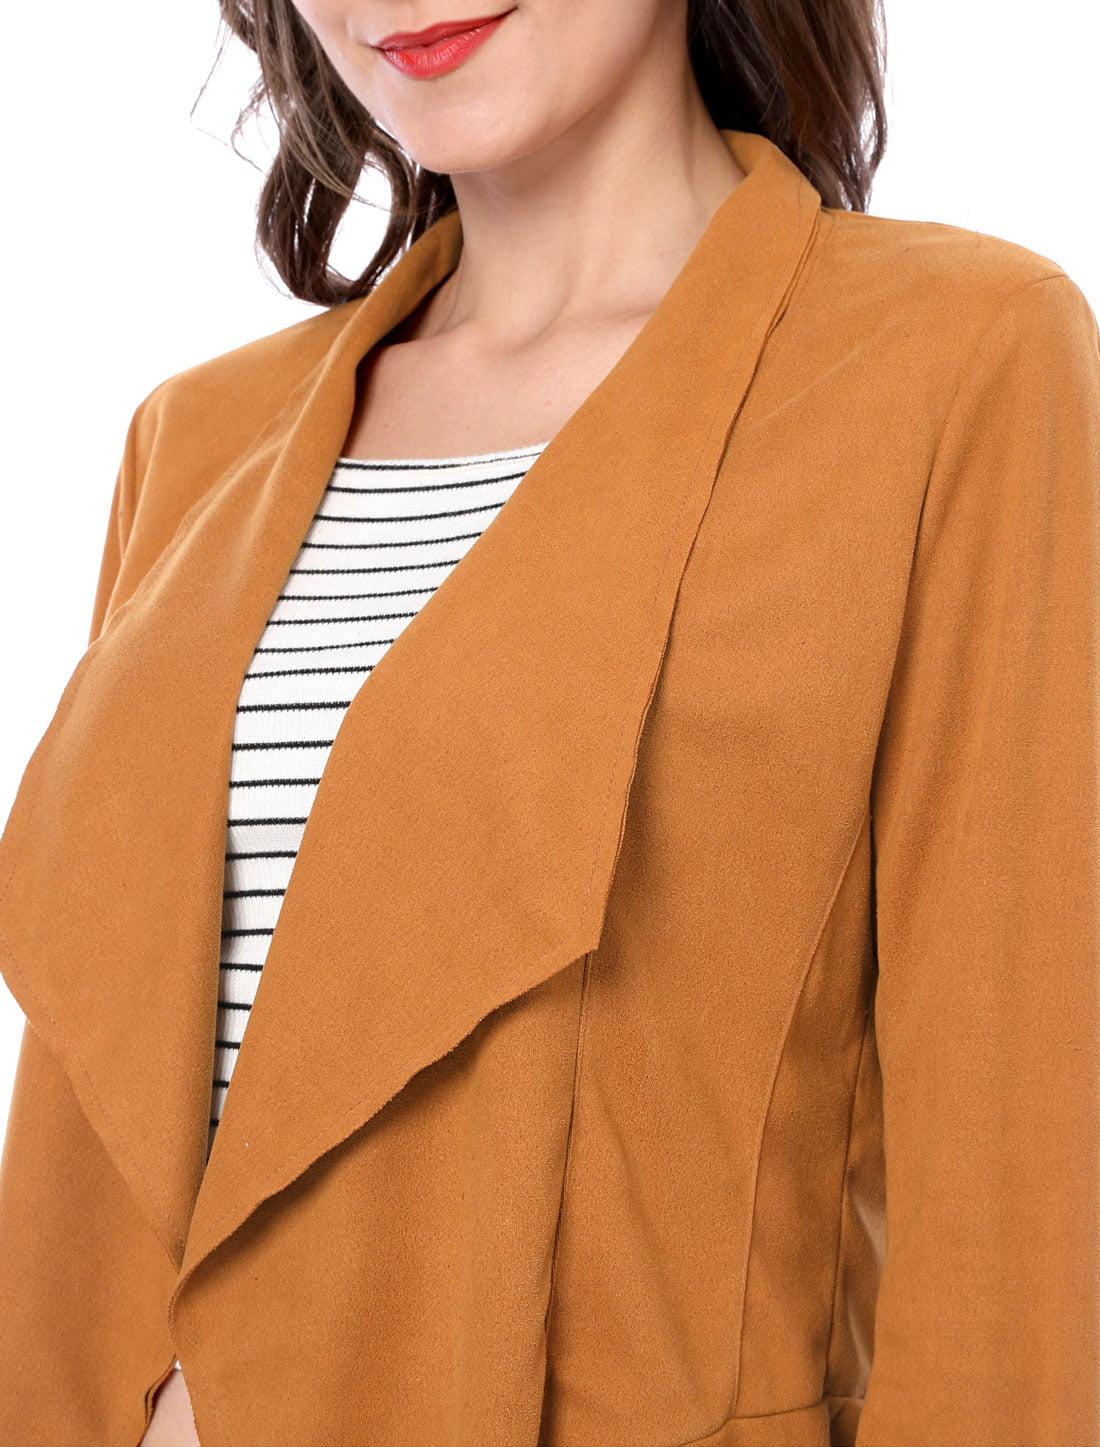 41d47c2efdc Unique Bargains Women s Zip Up Cuffs Draped Front Faux Suede Jacket Brown  (Size XL   18)